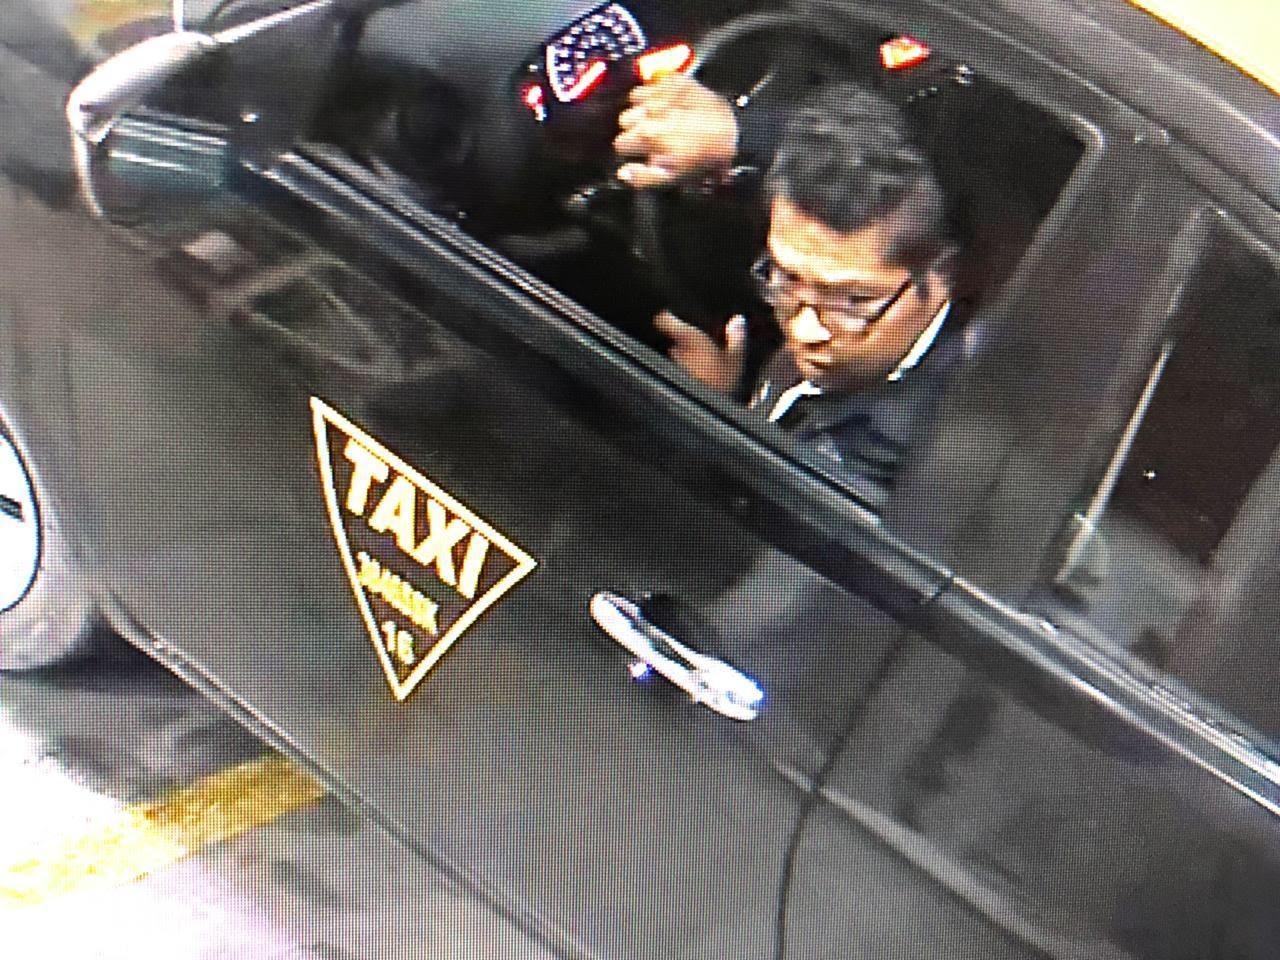 San Isidro Castillotla, Asalto, Gasolinería, Taxi, Sentra, 141 Poniente, Puebla, Dinero, Robo, Video, Cámaras de vigilancia